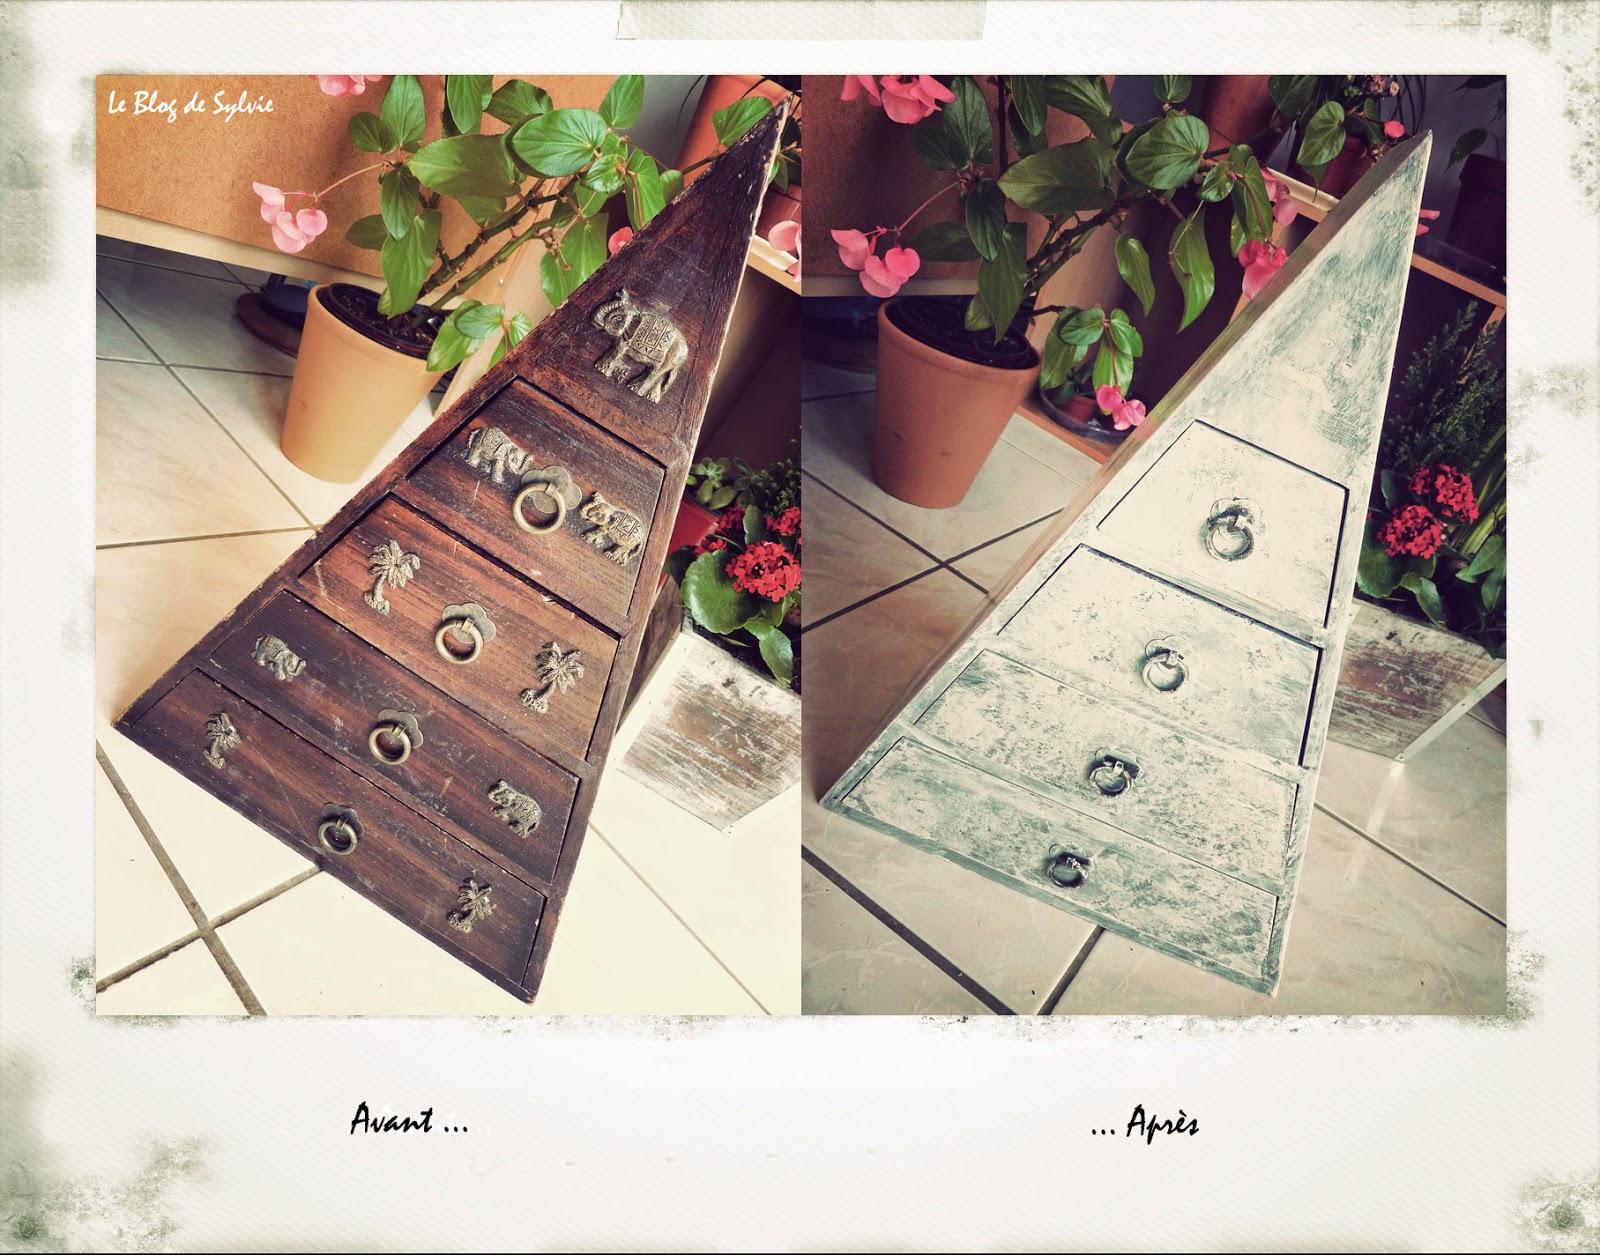 le blog de sylvie astuce brico d co r novation d 39 un petit meuble en bois. Black Bedroom Furniture Sets. Home Design Ideas